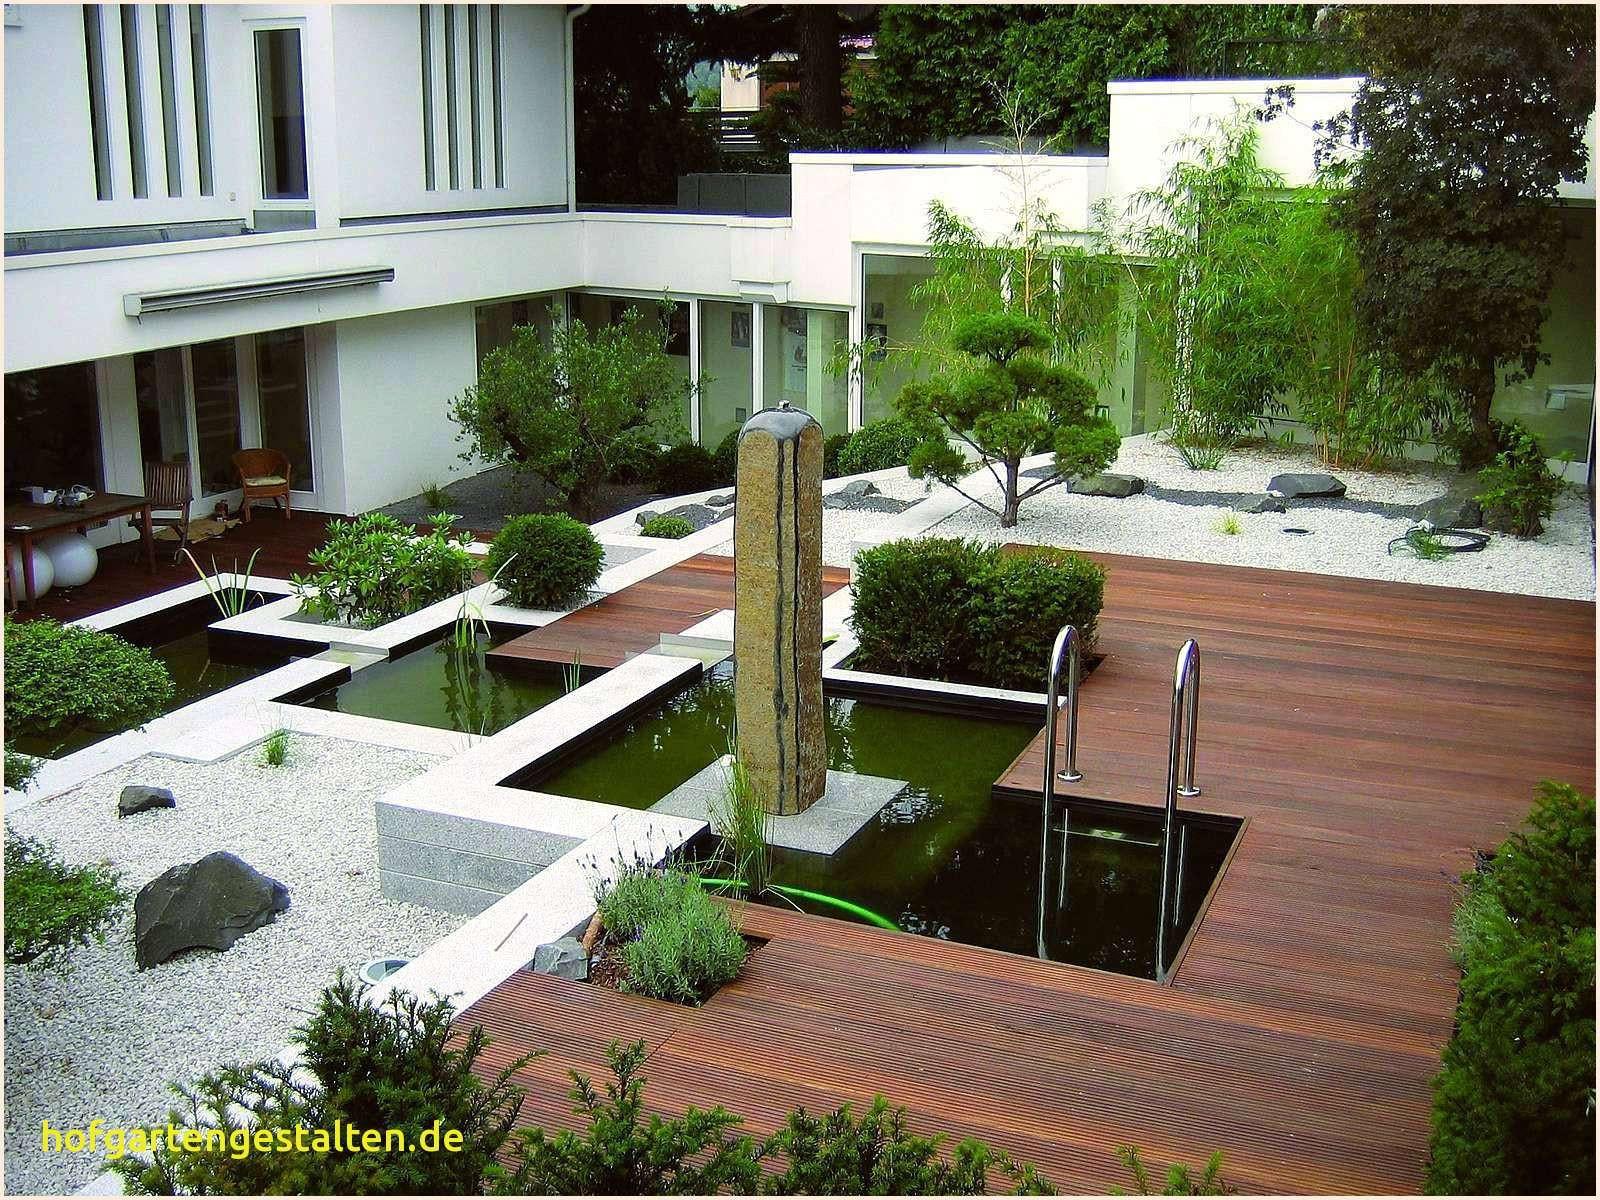 Deko Ideen Für Den Garten Inspirierend 32 Einzigartig Loungemöbel Für Den Garten